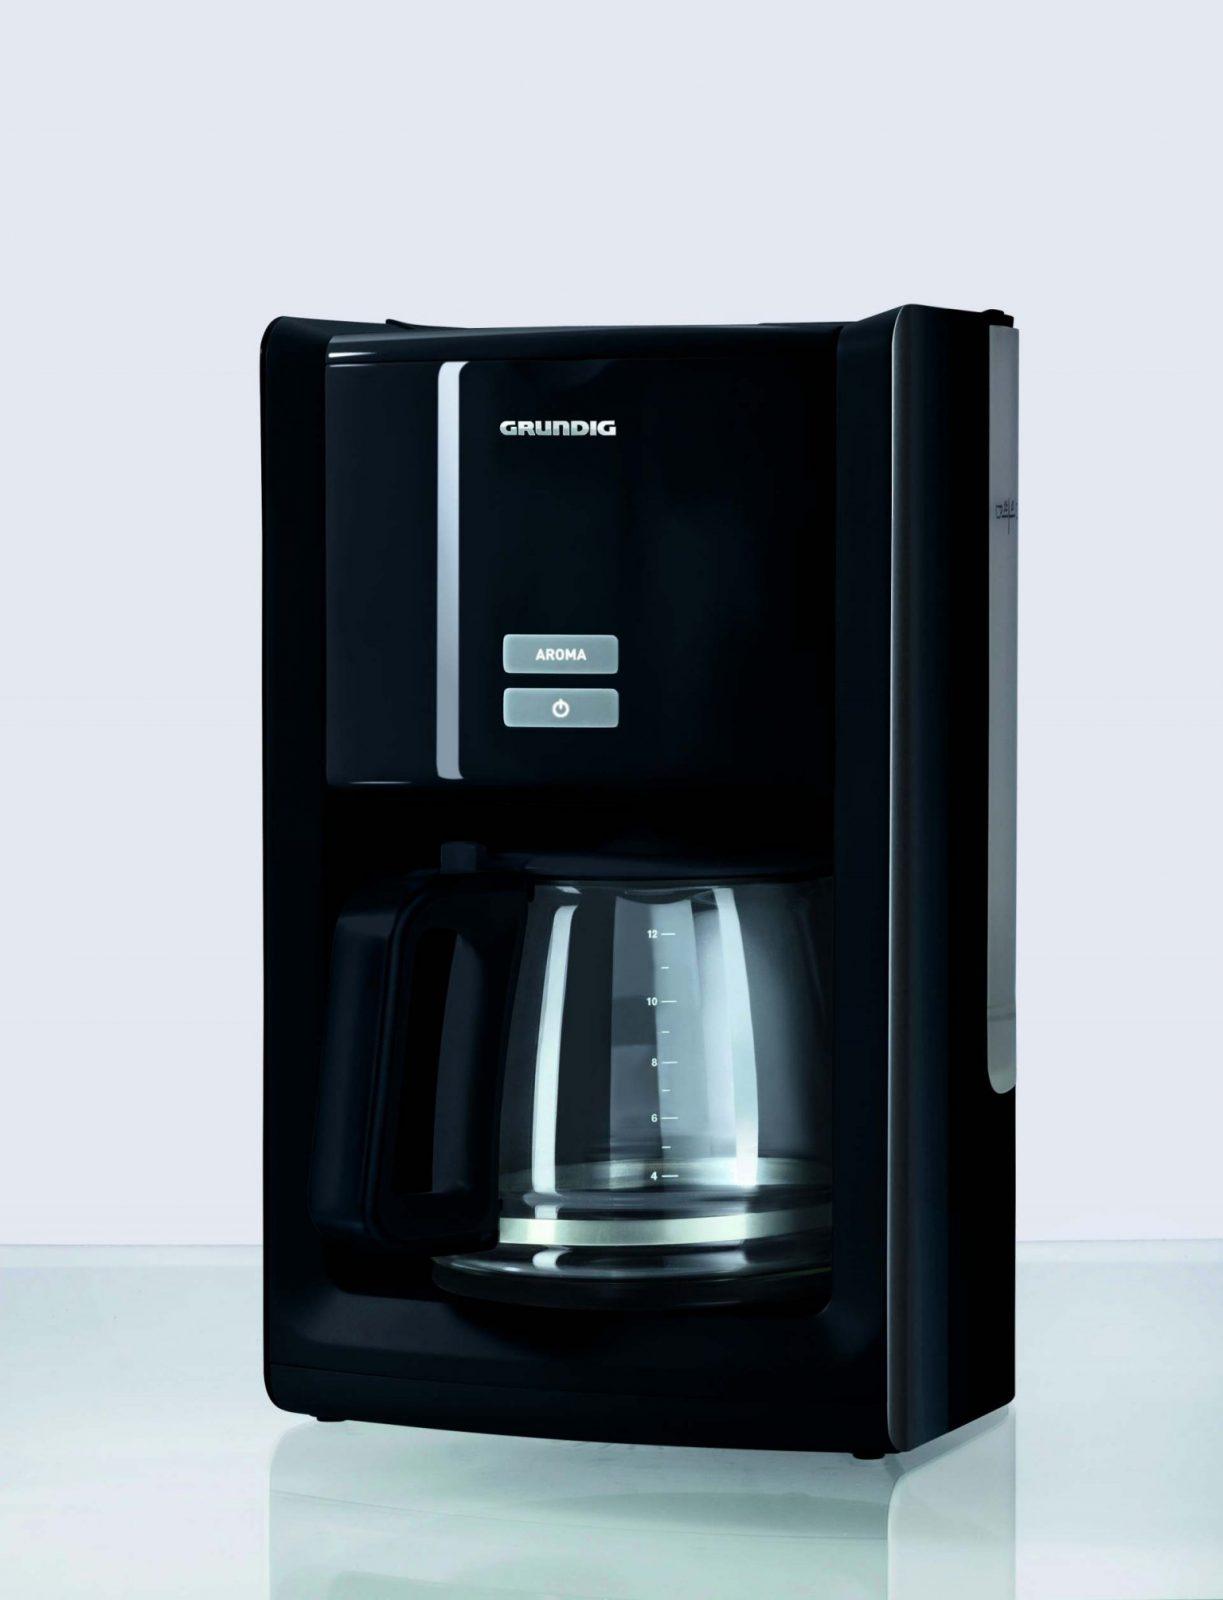 Grundig Black Sense Km6280 Kaffeemaschine Kaffeebrühen Für Viele von Grundig Premium Line Kaffeemaschine Bild